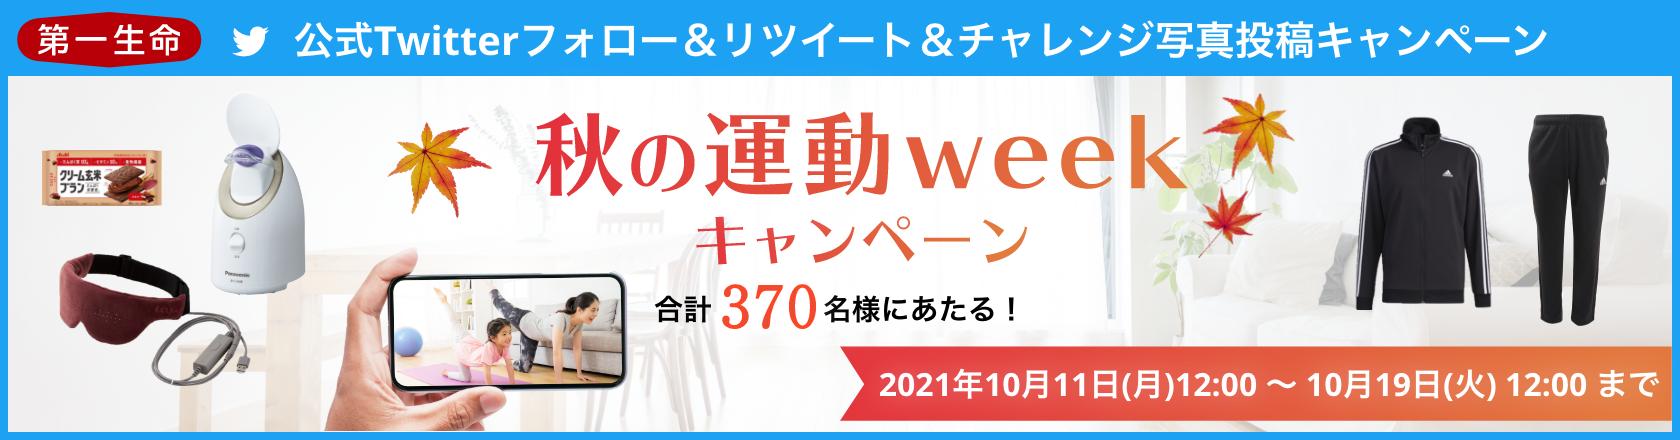 秋の運動weekキャンペーン